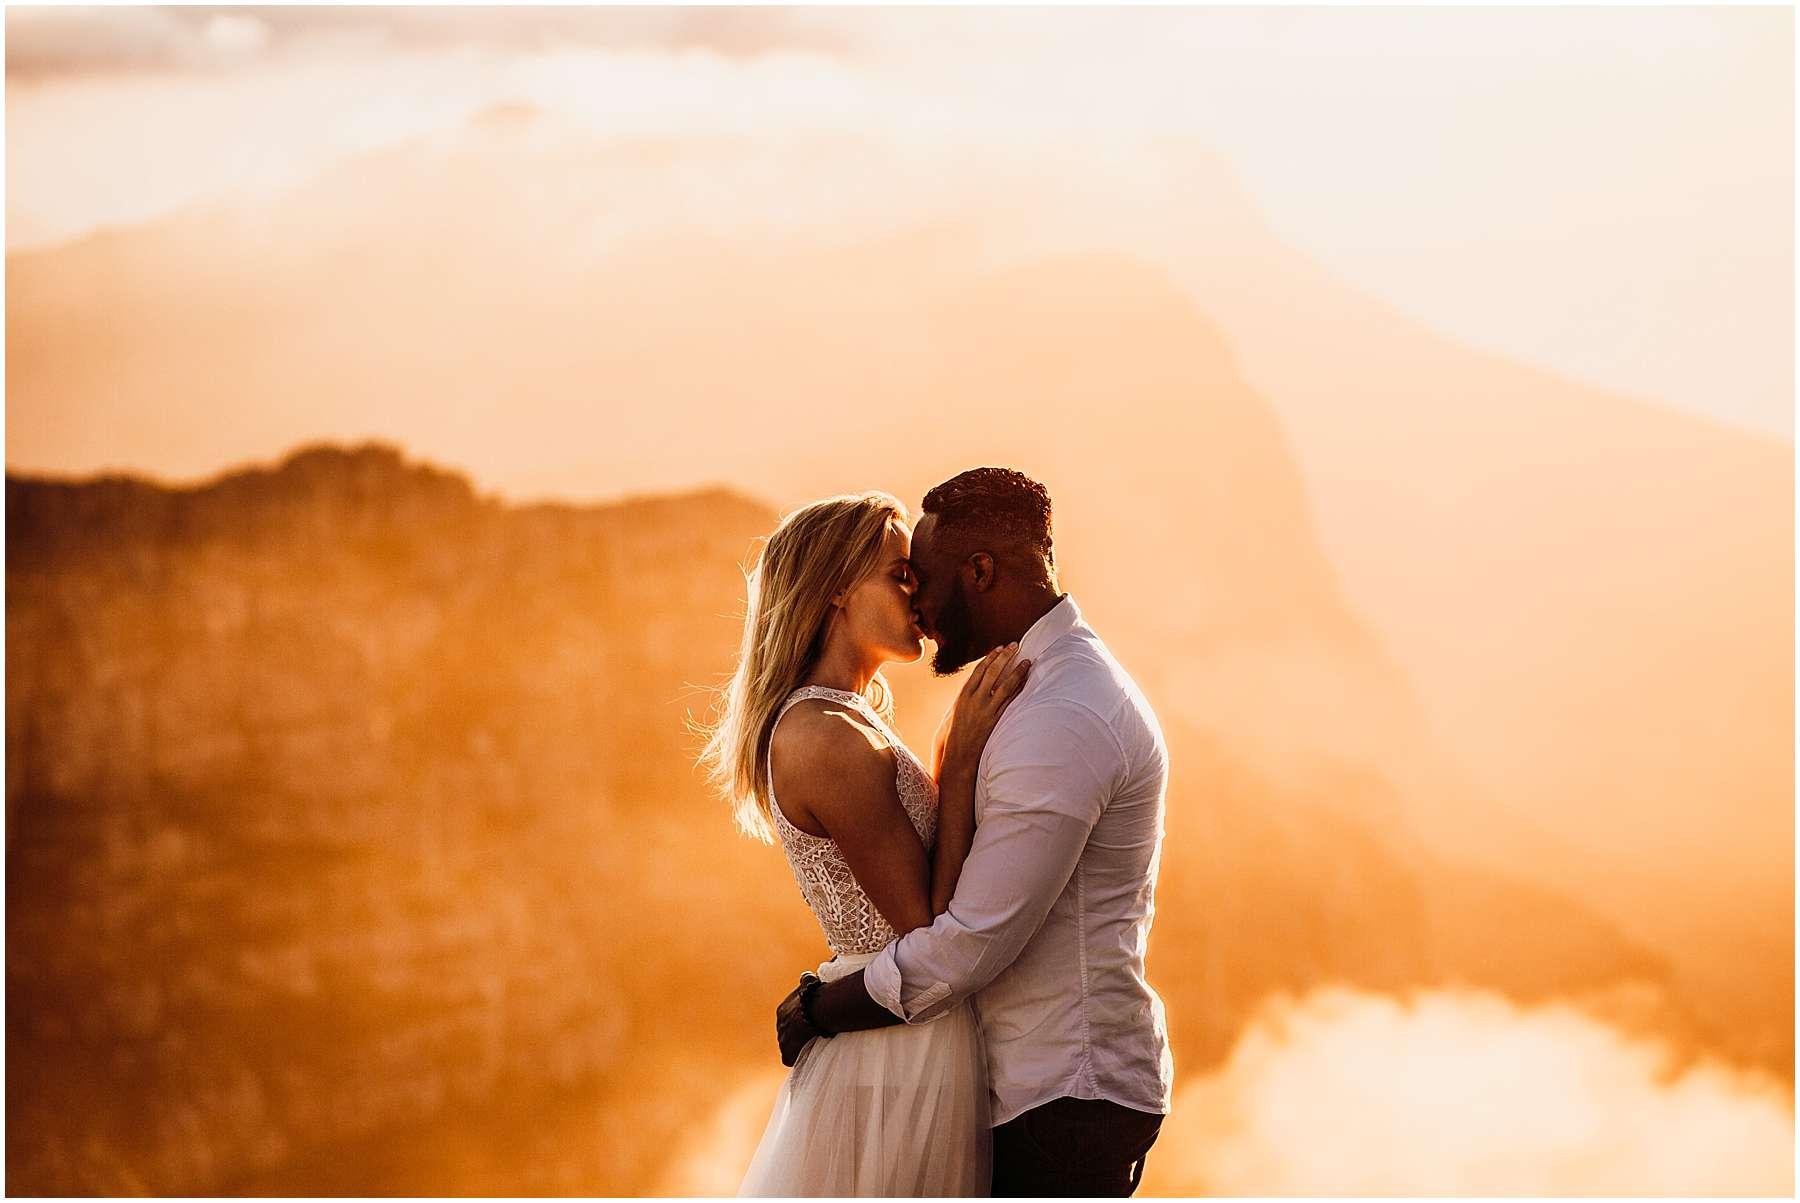 LOTTYH-South-Africa-Elopement-Photographer_0022.jpg